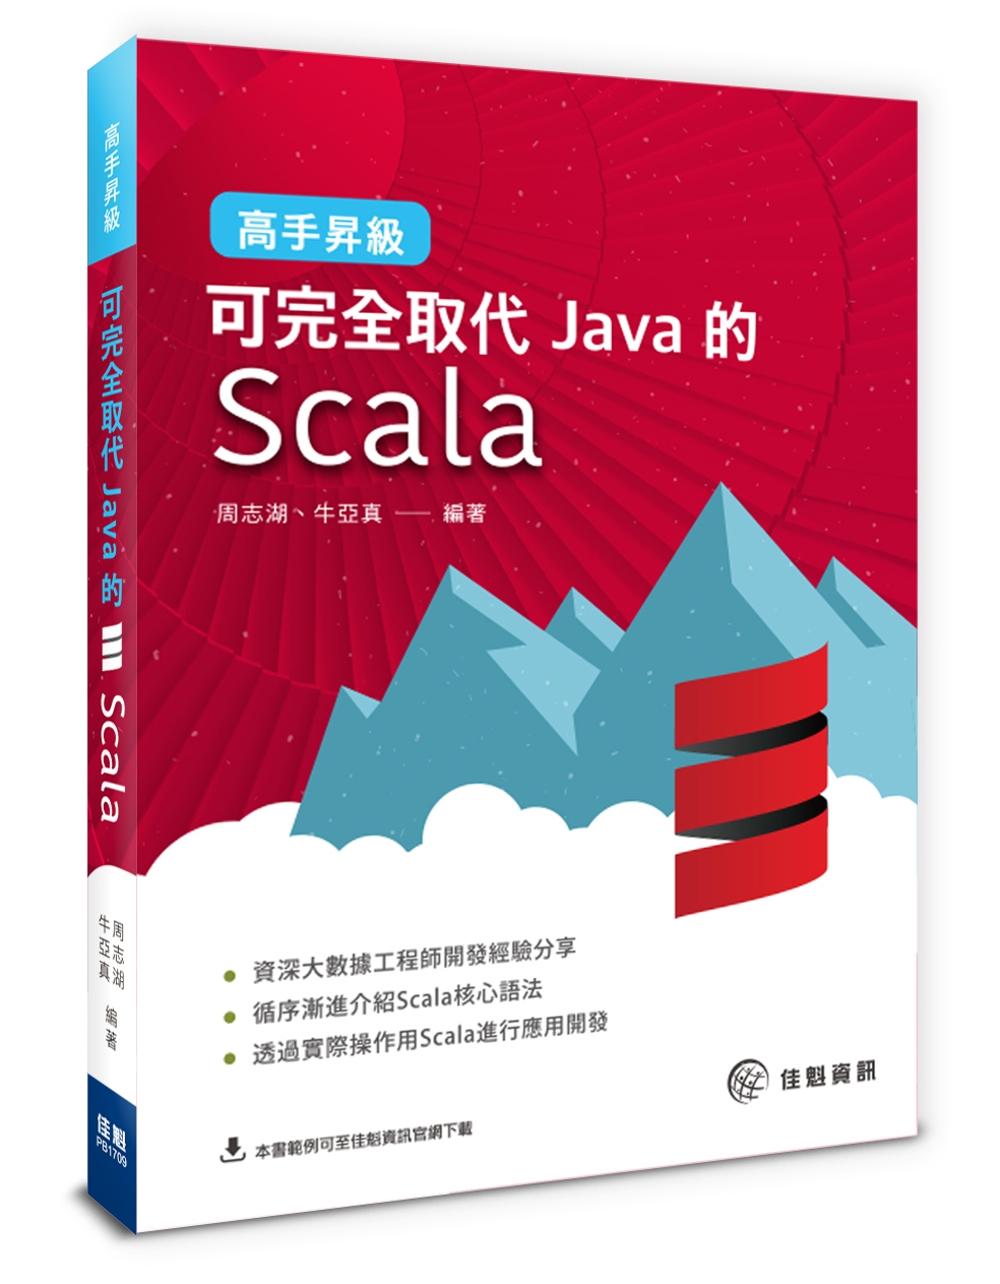 高手昇級:可完全取代Java的Sca...